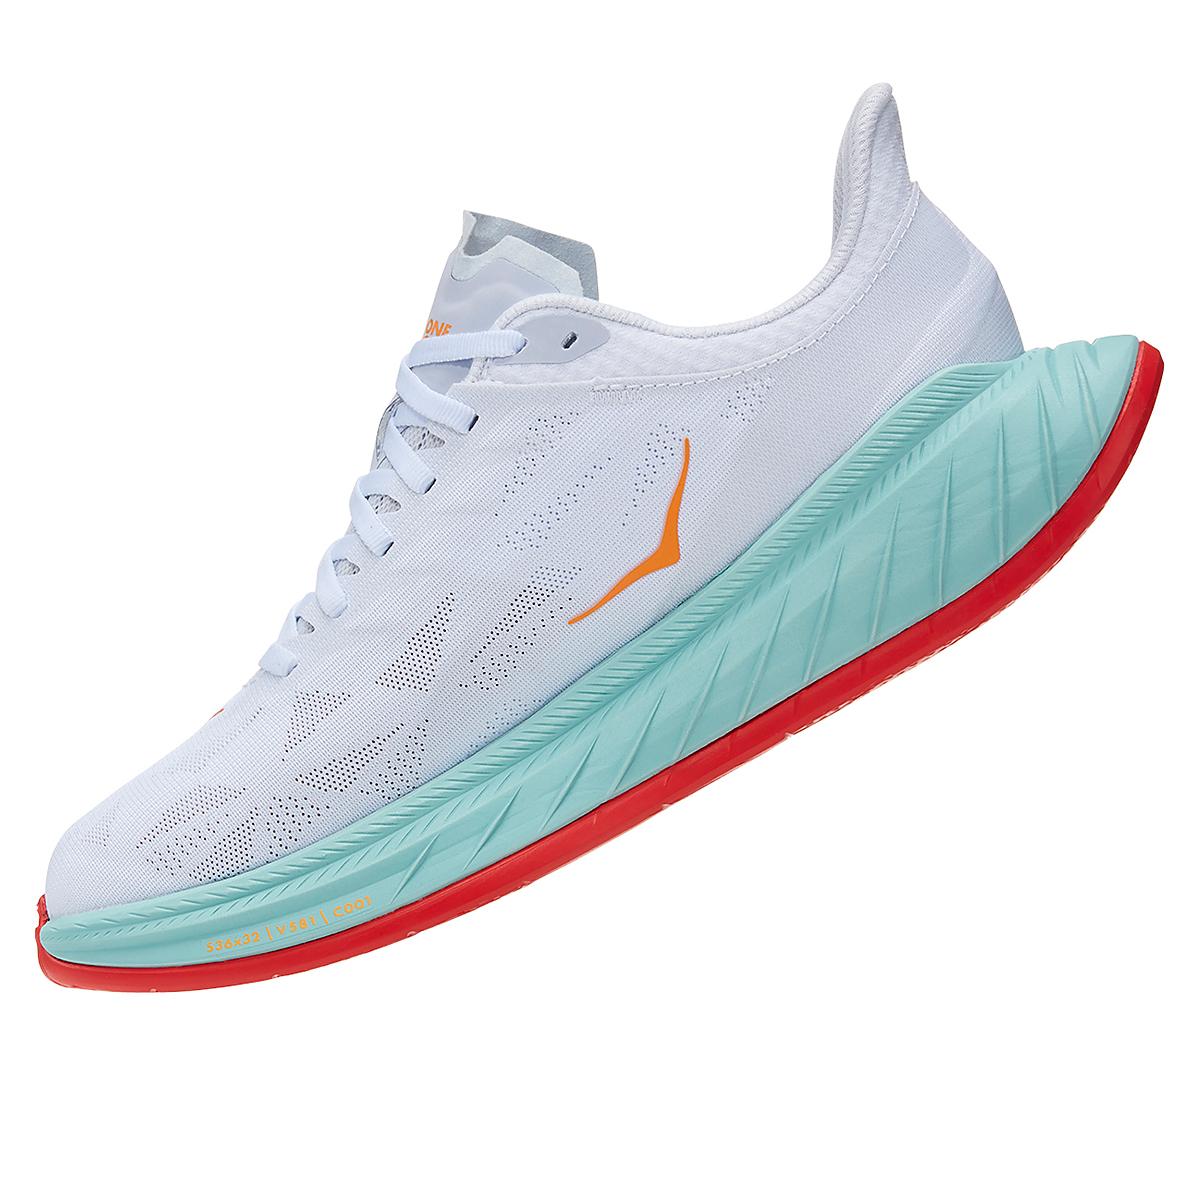 Men's Hoka One One Carbon X 2 Running Shoe - Color: White/Blazing Orange - Size: 7 - Width: Regular, White/Blazing Orange, large, image 4